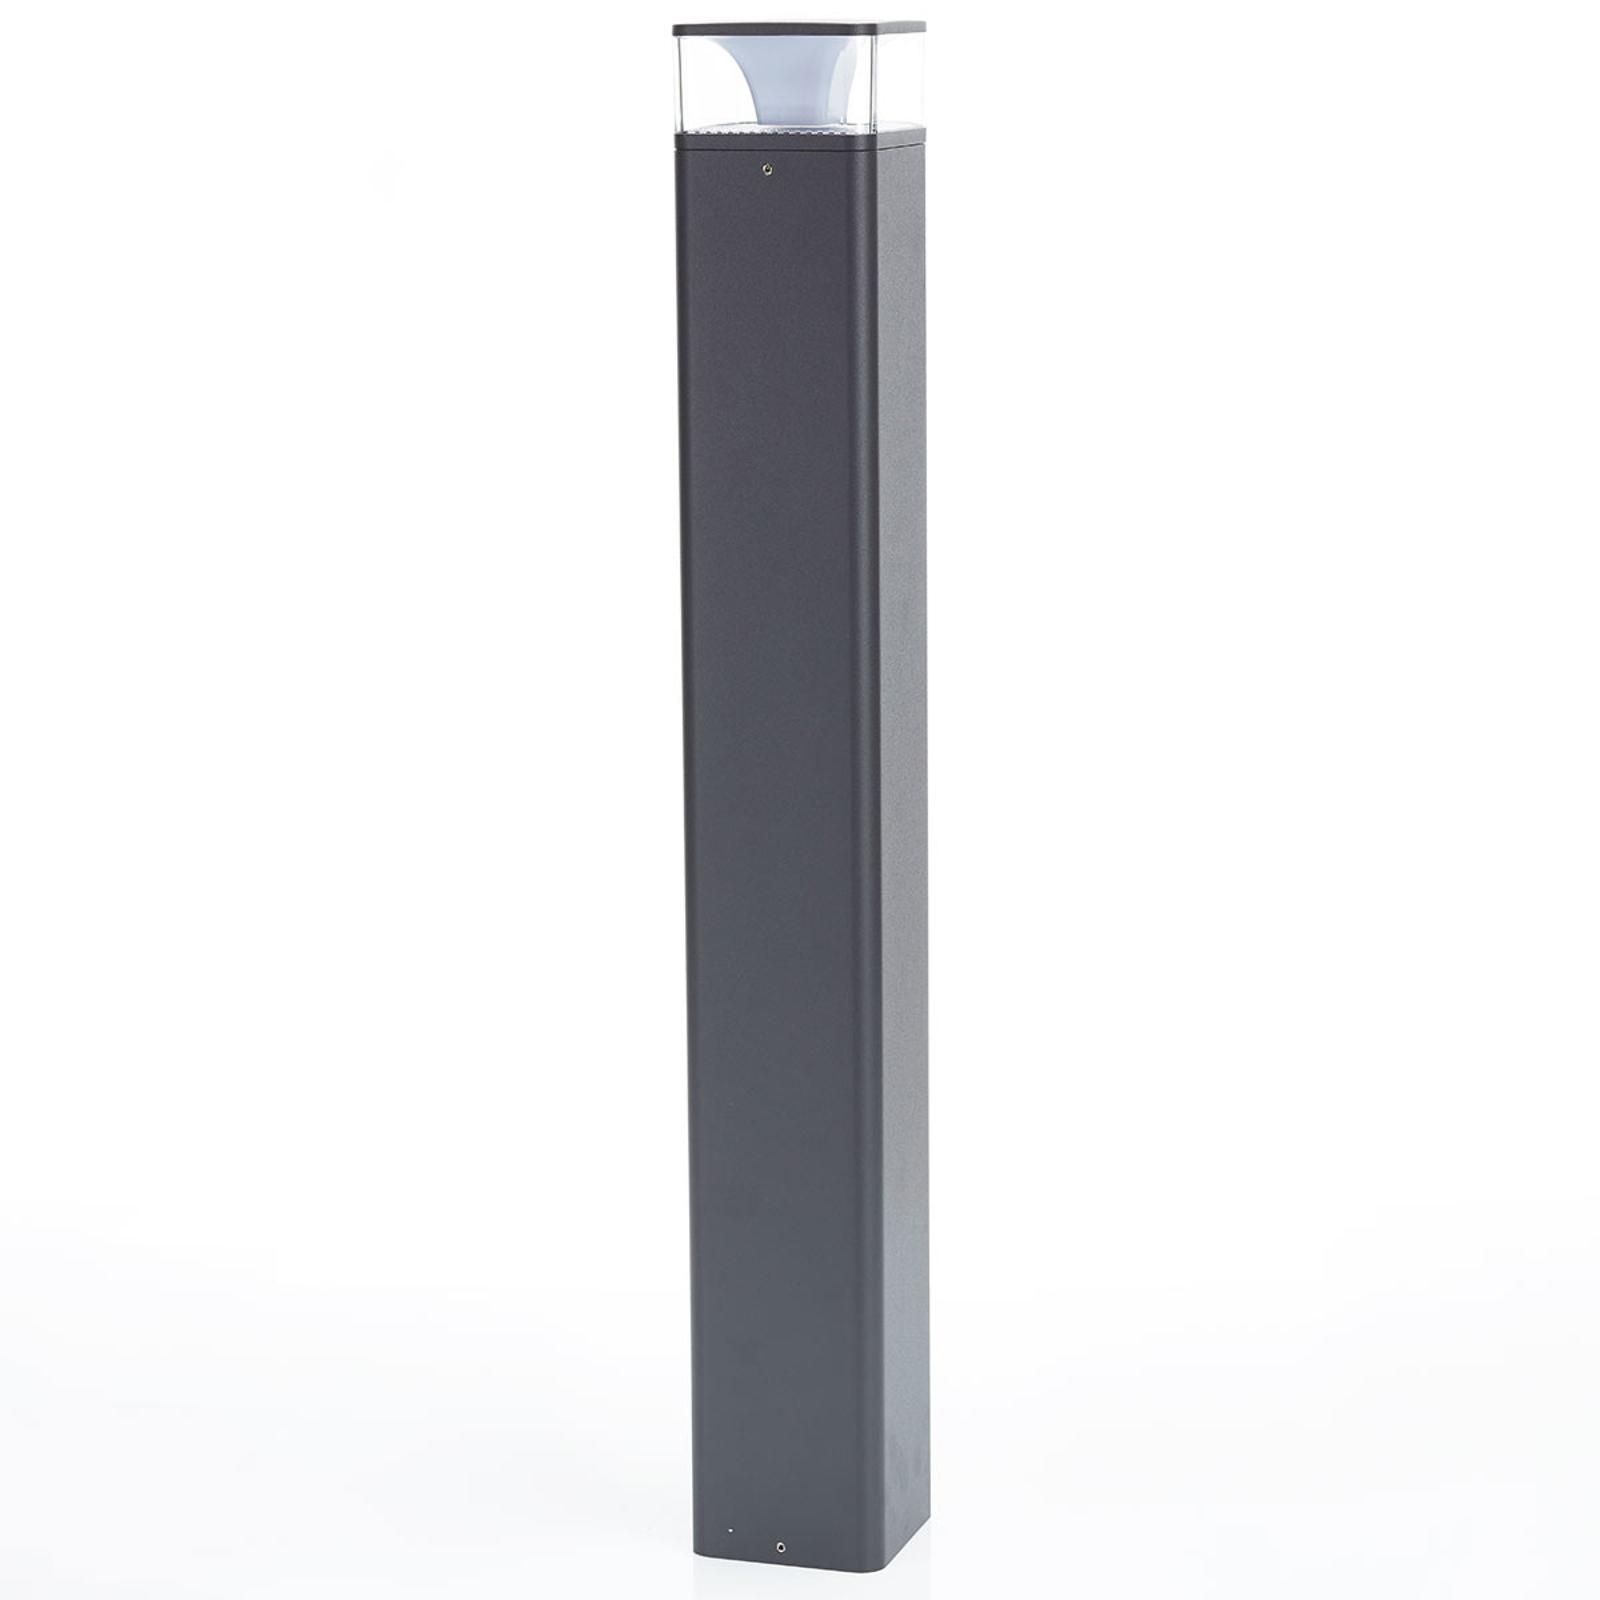 LED-pylväsvalaisin Lidia alumiinista